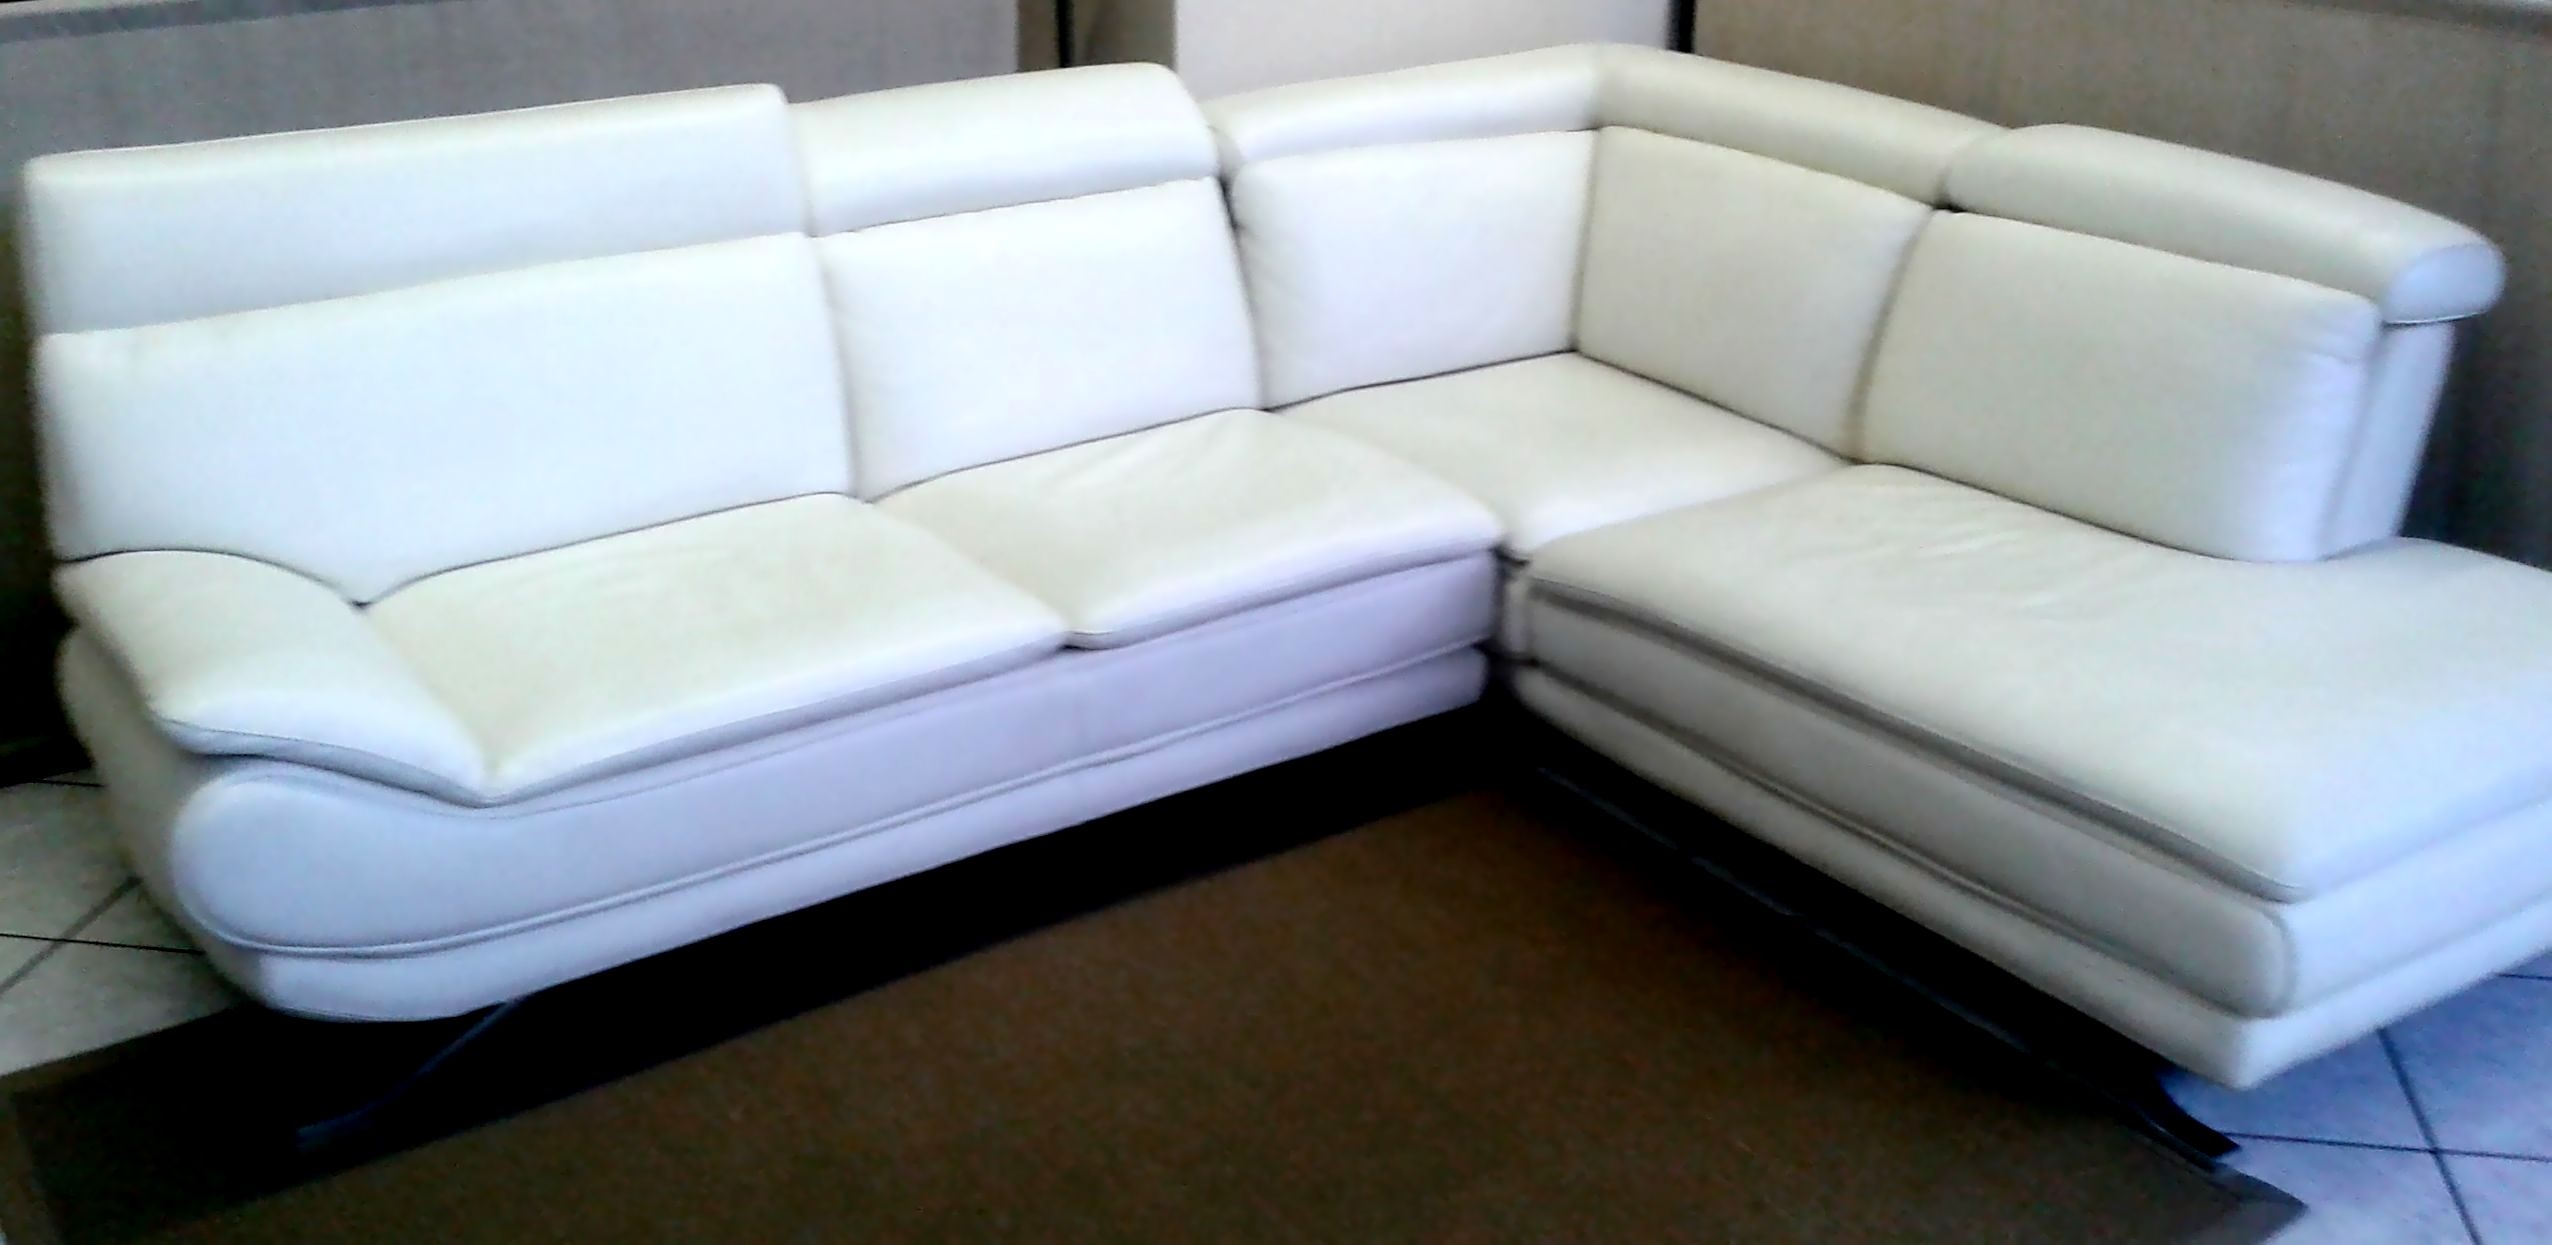 Promozione divano in pelle bianca divani a prezzi scontati - Divani letto artigianali ...